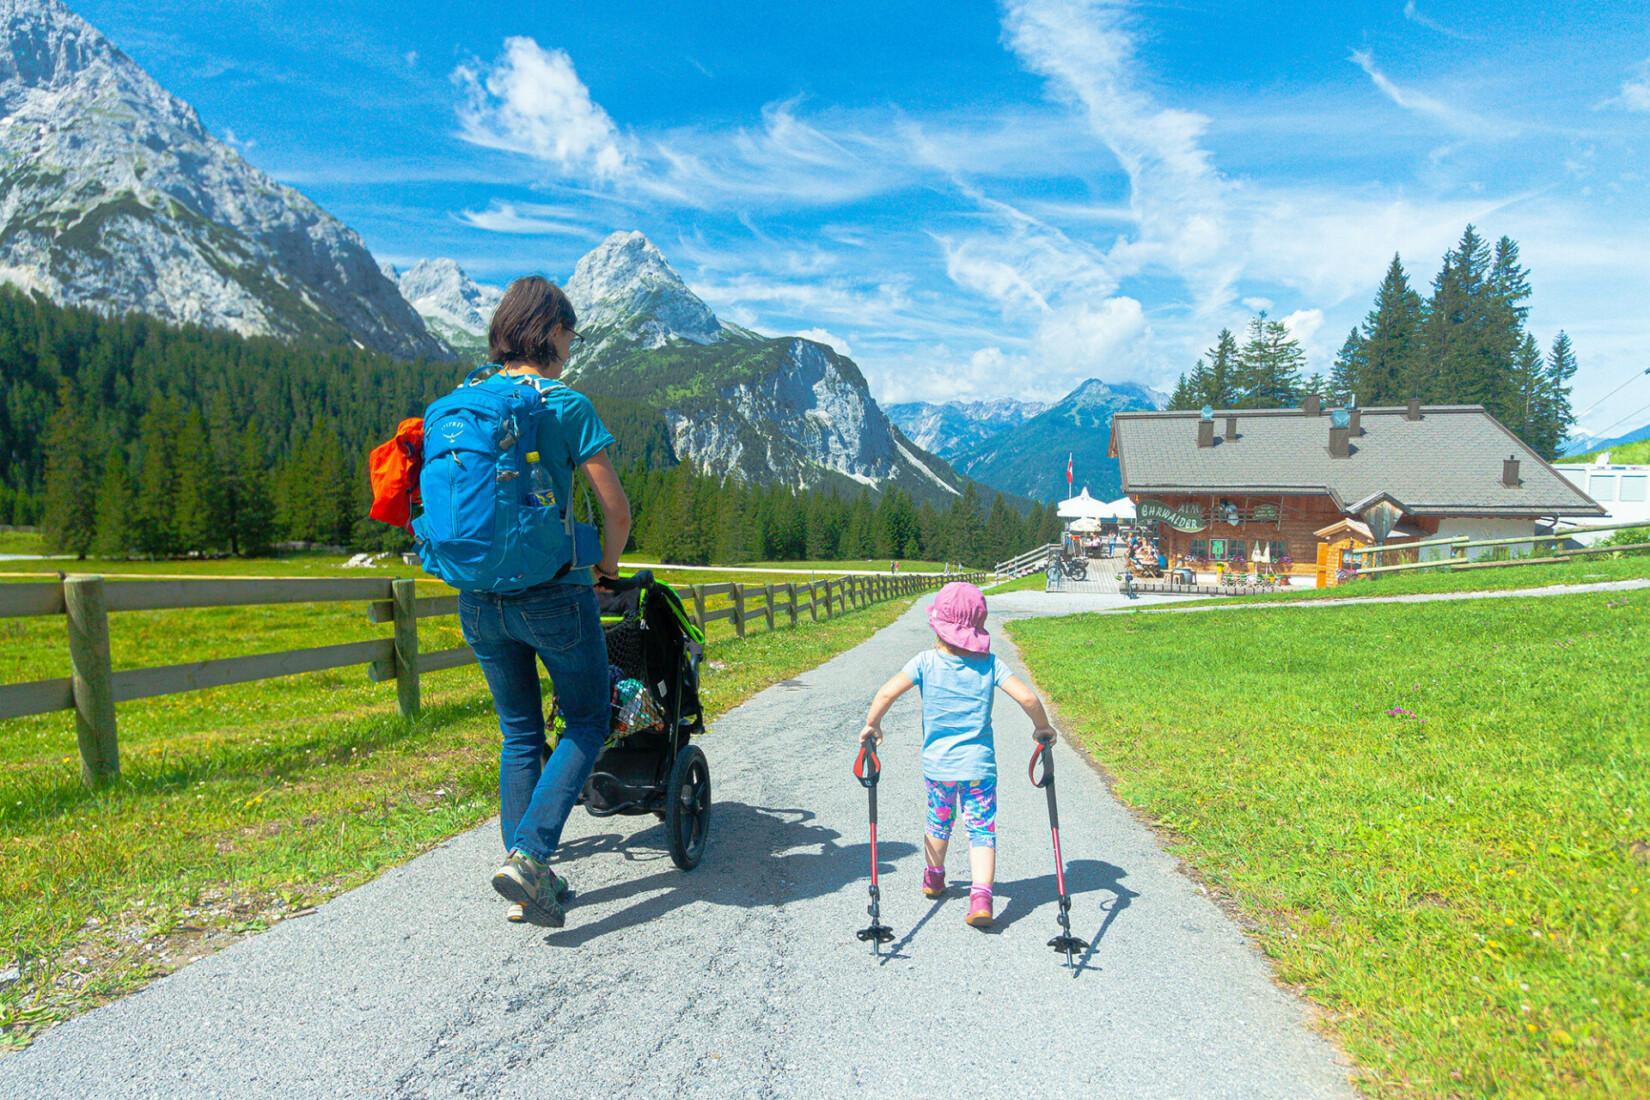 Wandern Mit Kindern Sudlich Von Munchen Gooutbecrazy Impossible Is Nowhere